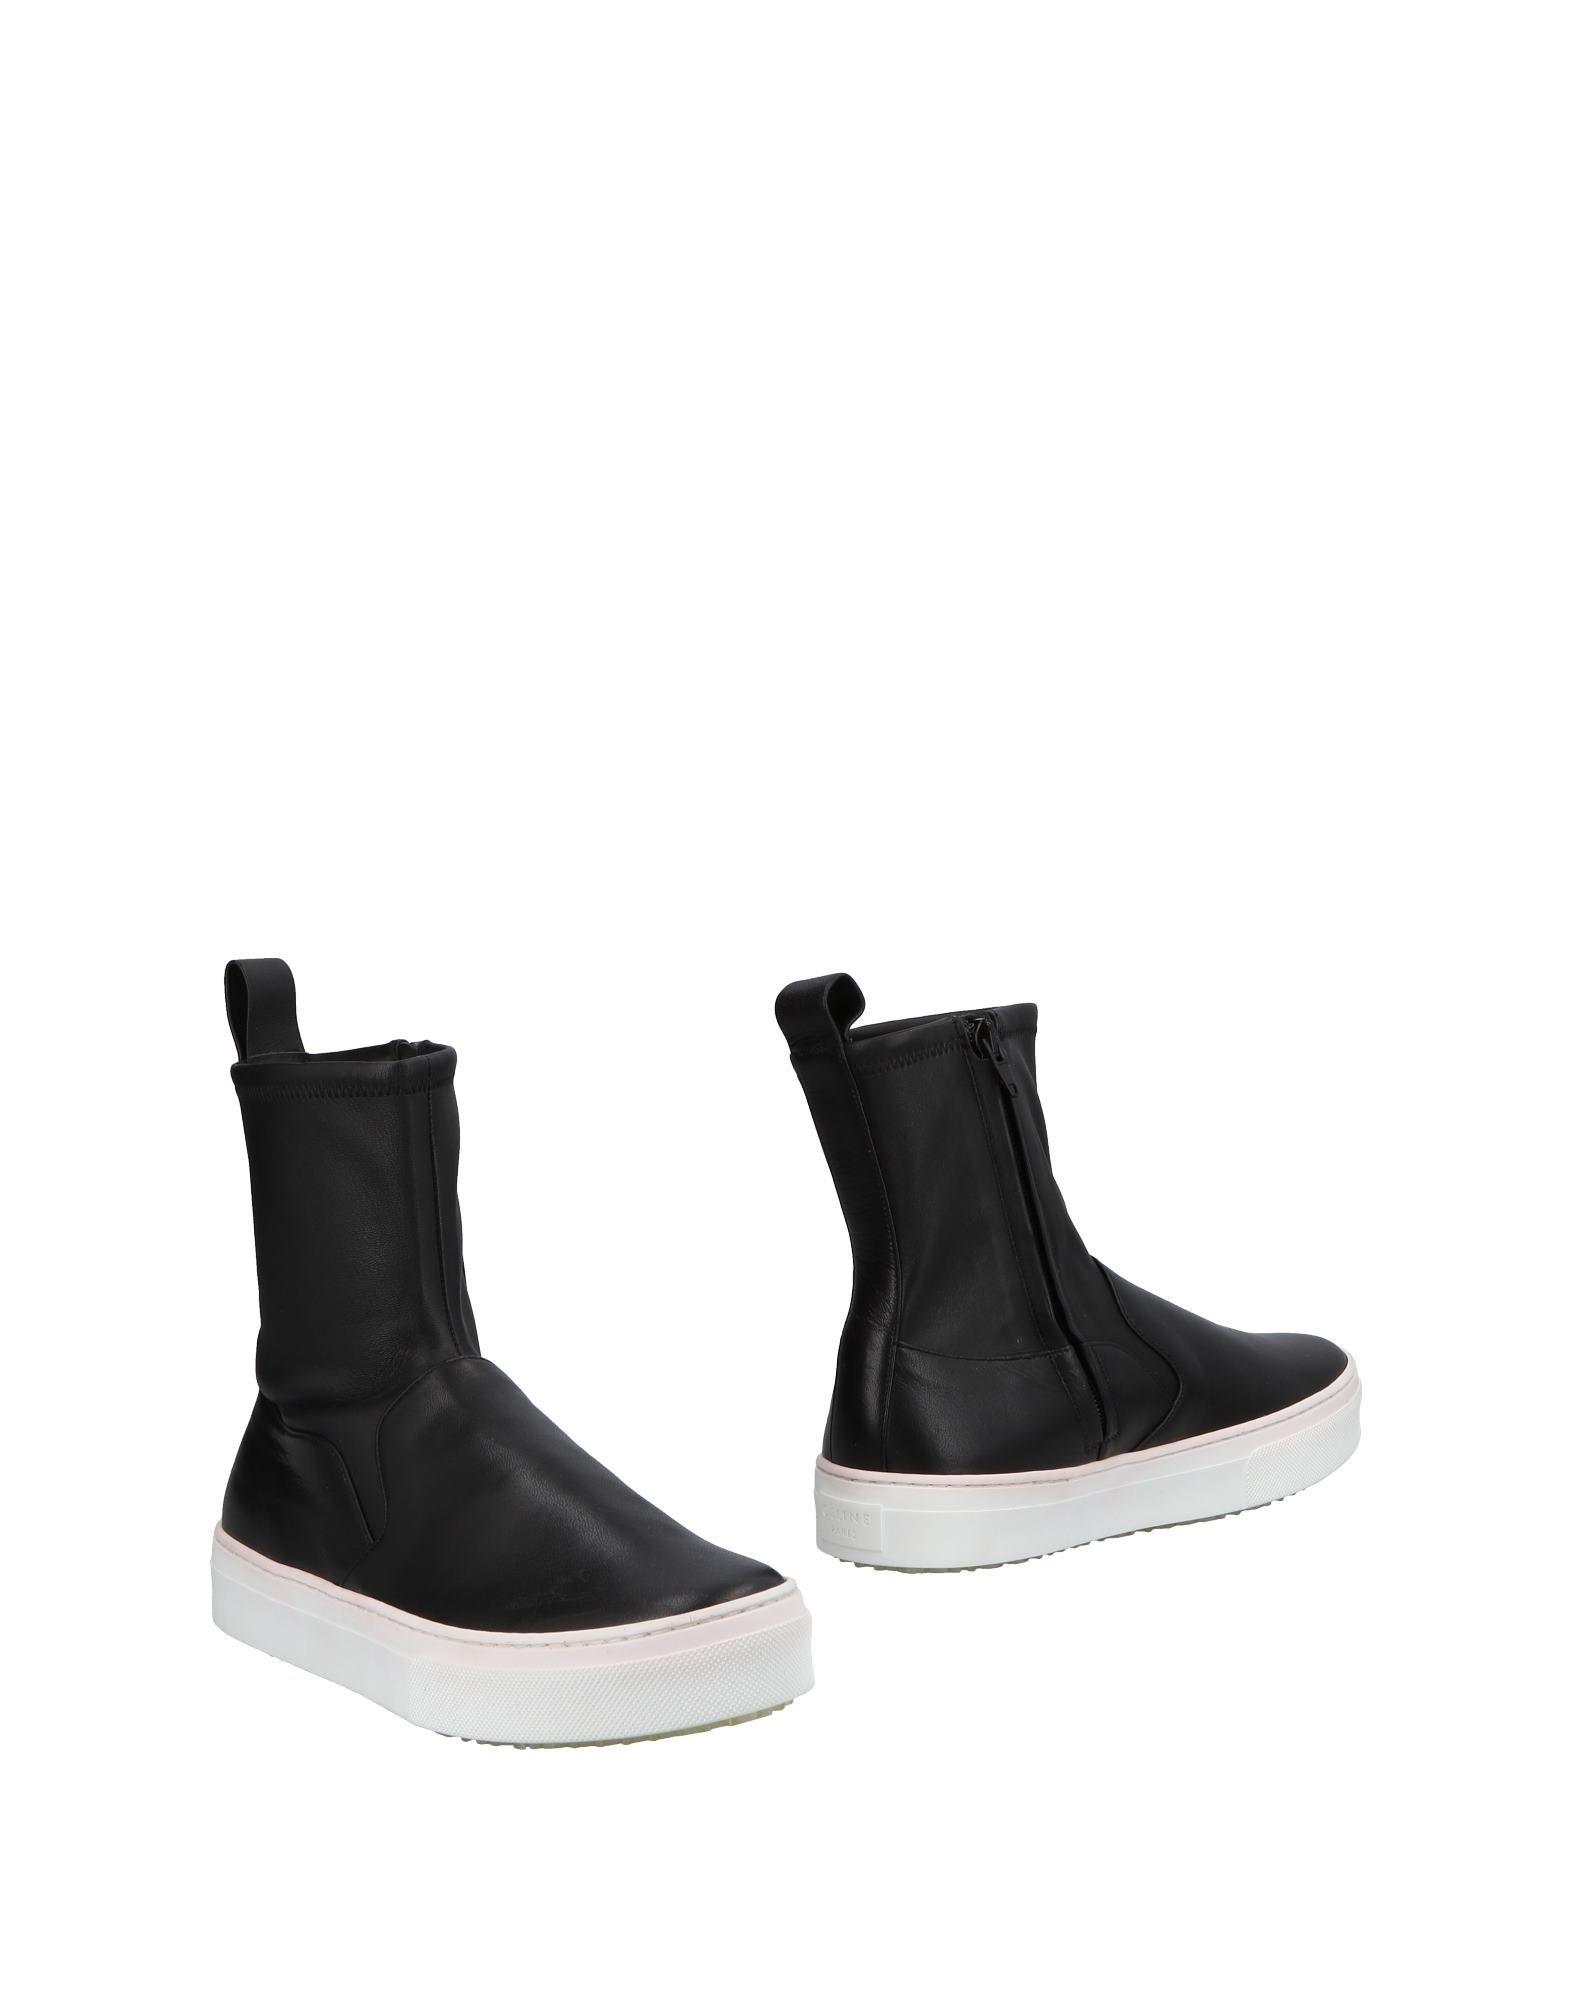 Céline Stiefelette Damen  11482364ESGünstige Schuhe gut aussehende Schuhe 11482364ESGünstige 34a733